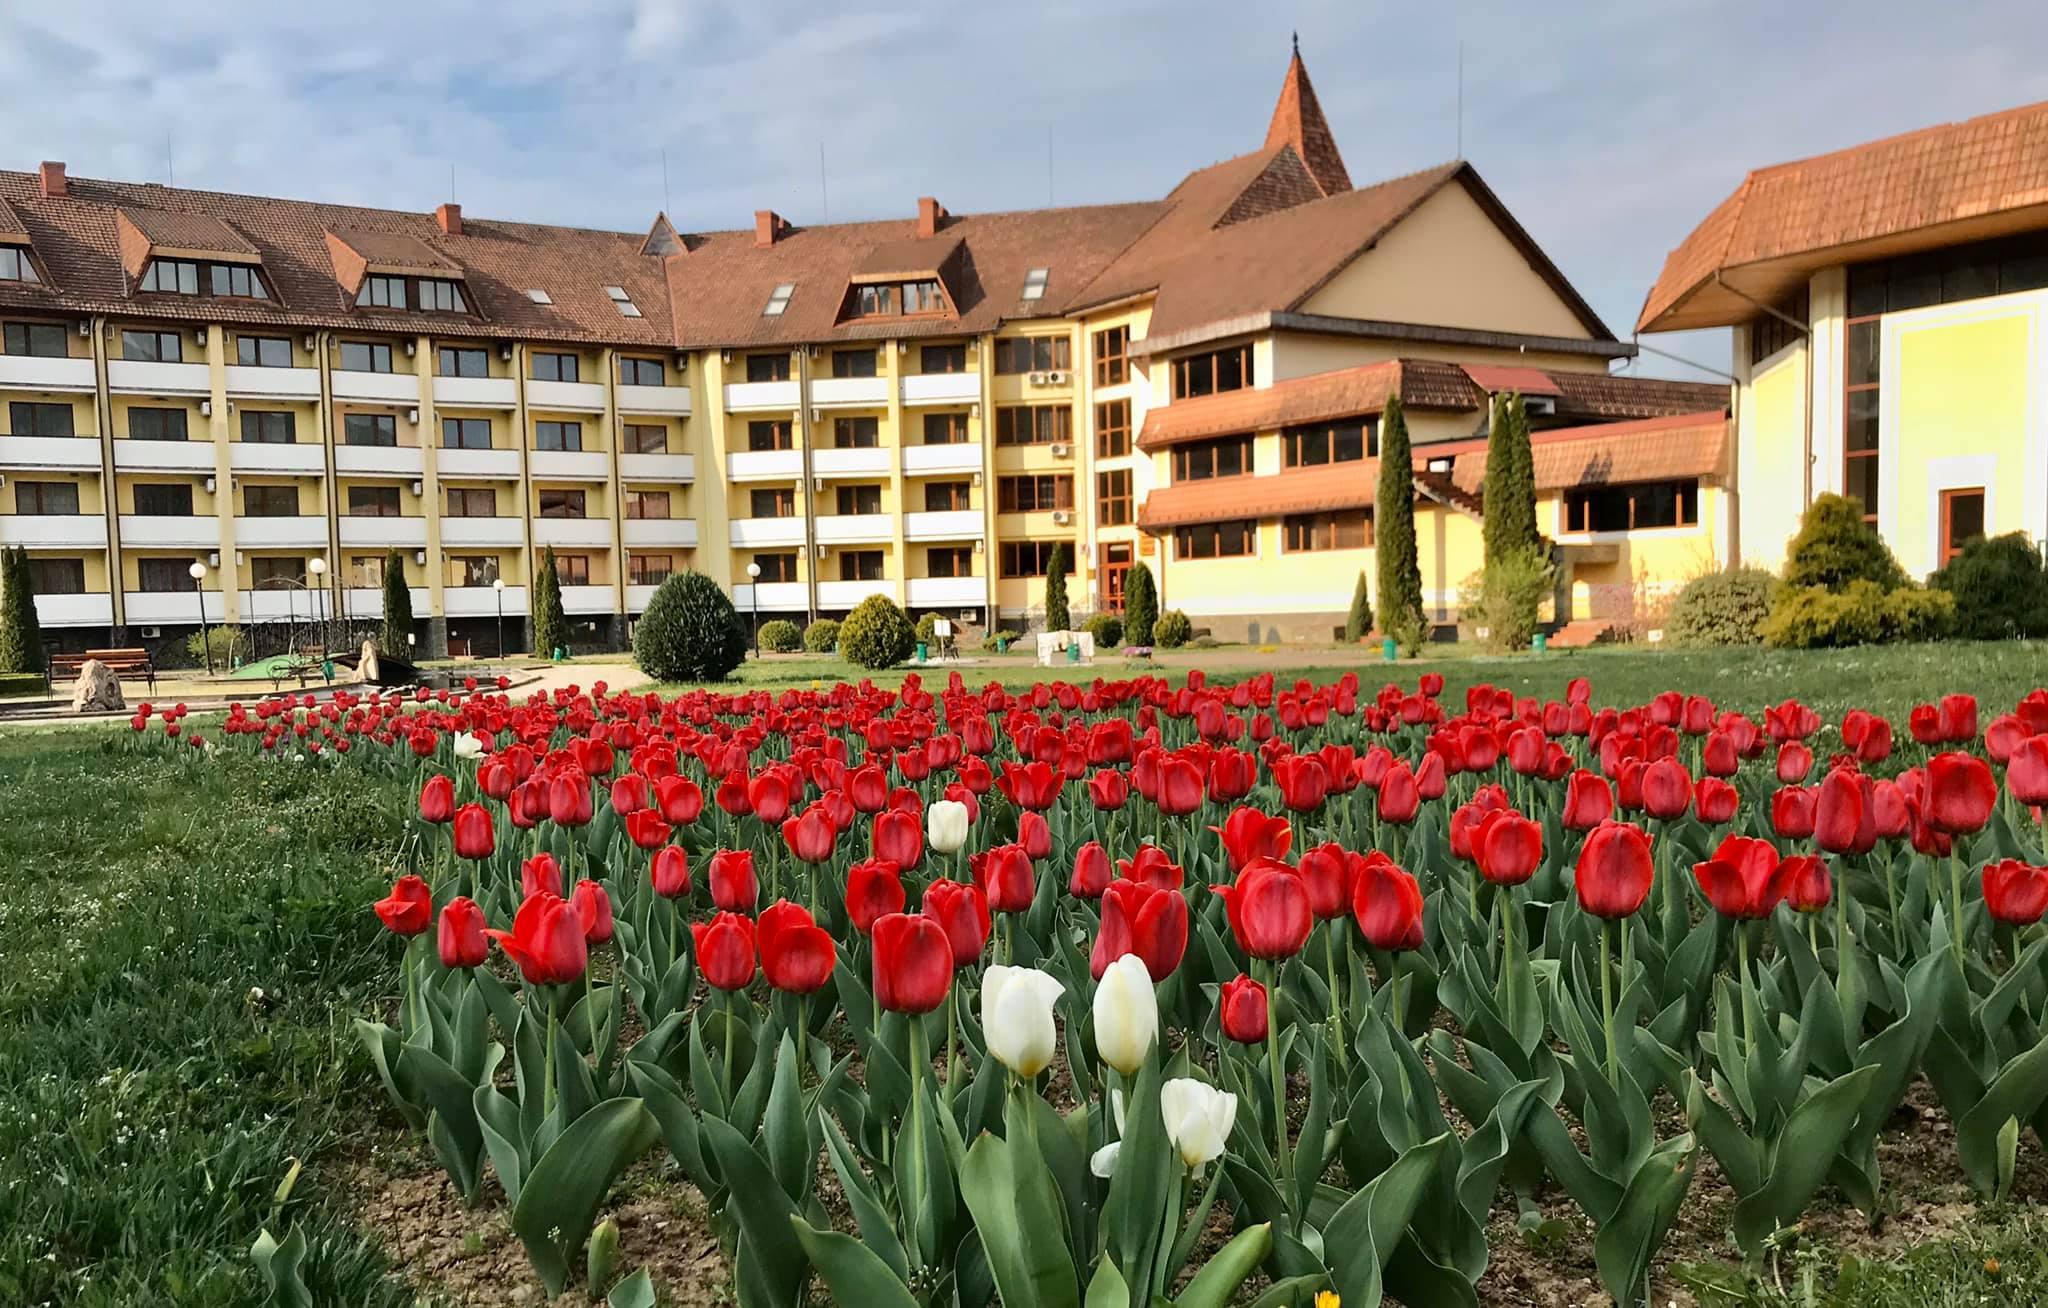 """На клумбах санаторію """"Квітка полонини"""" було висаджено понад тридцять сортів тюльпанів. А ще ж сусідують з ними і гіацинти, нарциси, барвисті братки. Квітнуть у санаторному парку, звісно ж, і сакури, і бузок, і красуня-магнолія. Почергово розквітають й інші дерева та декоративні кущі."""